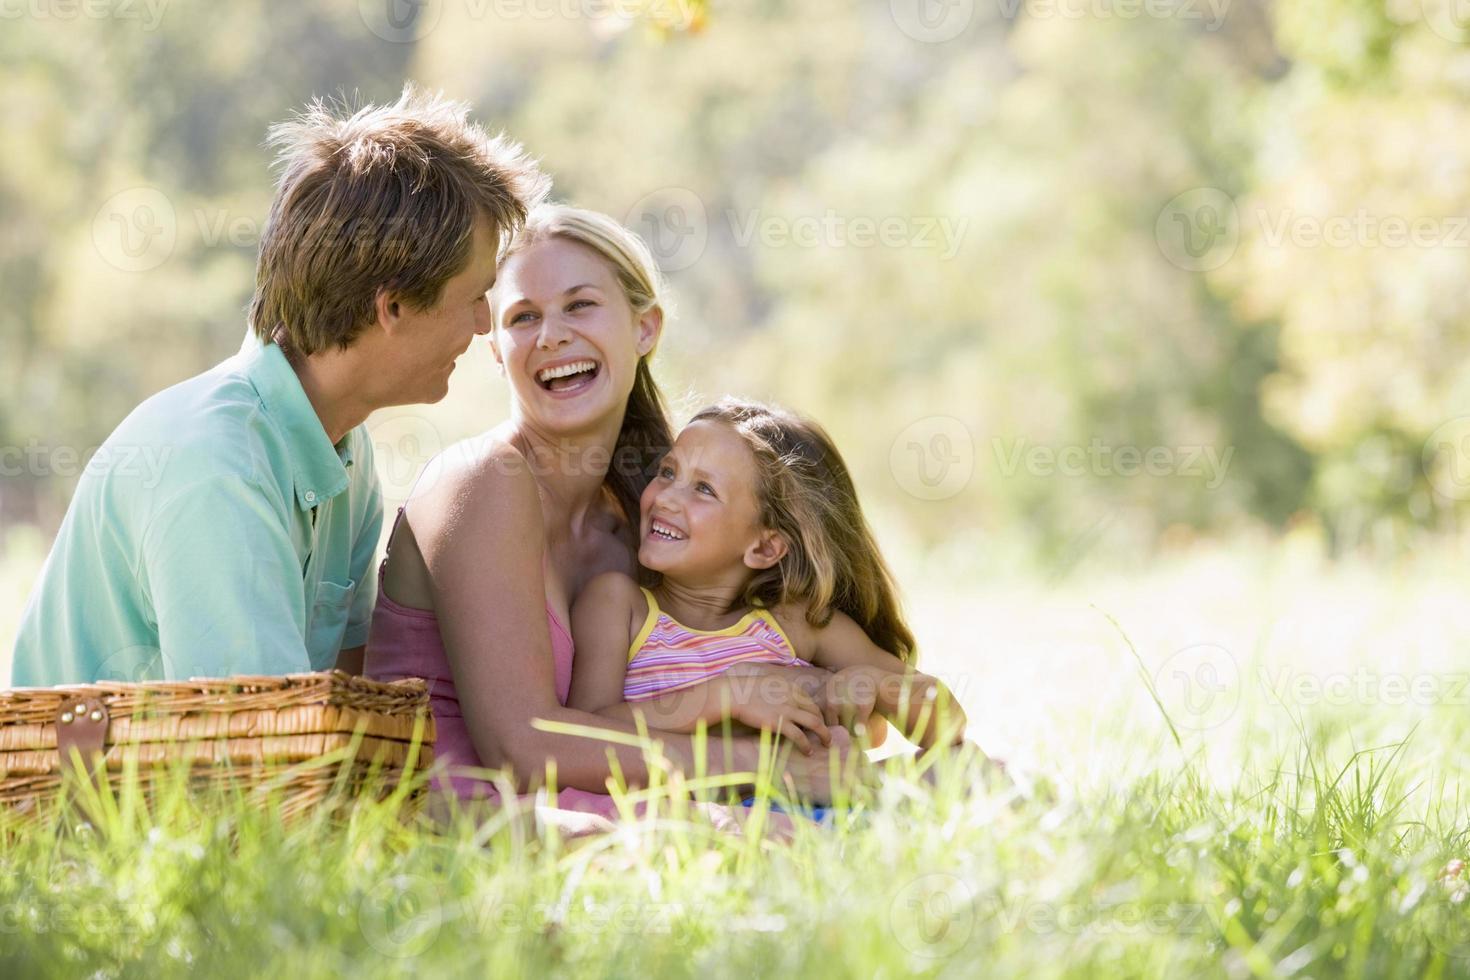 Family in park having picnic photo